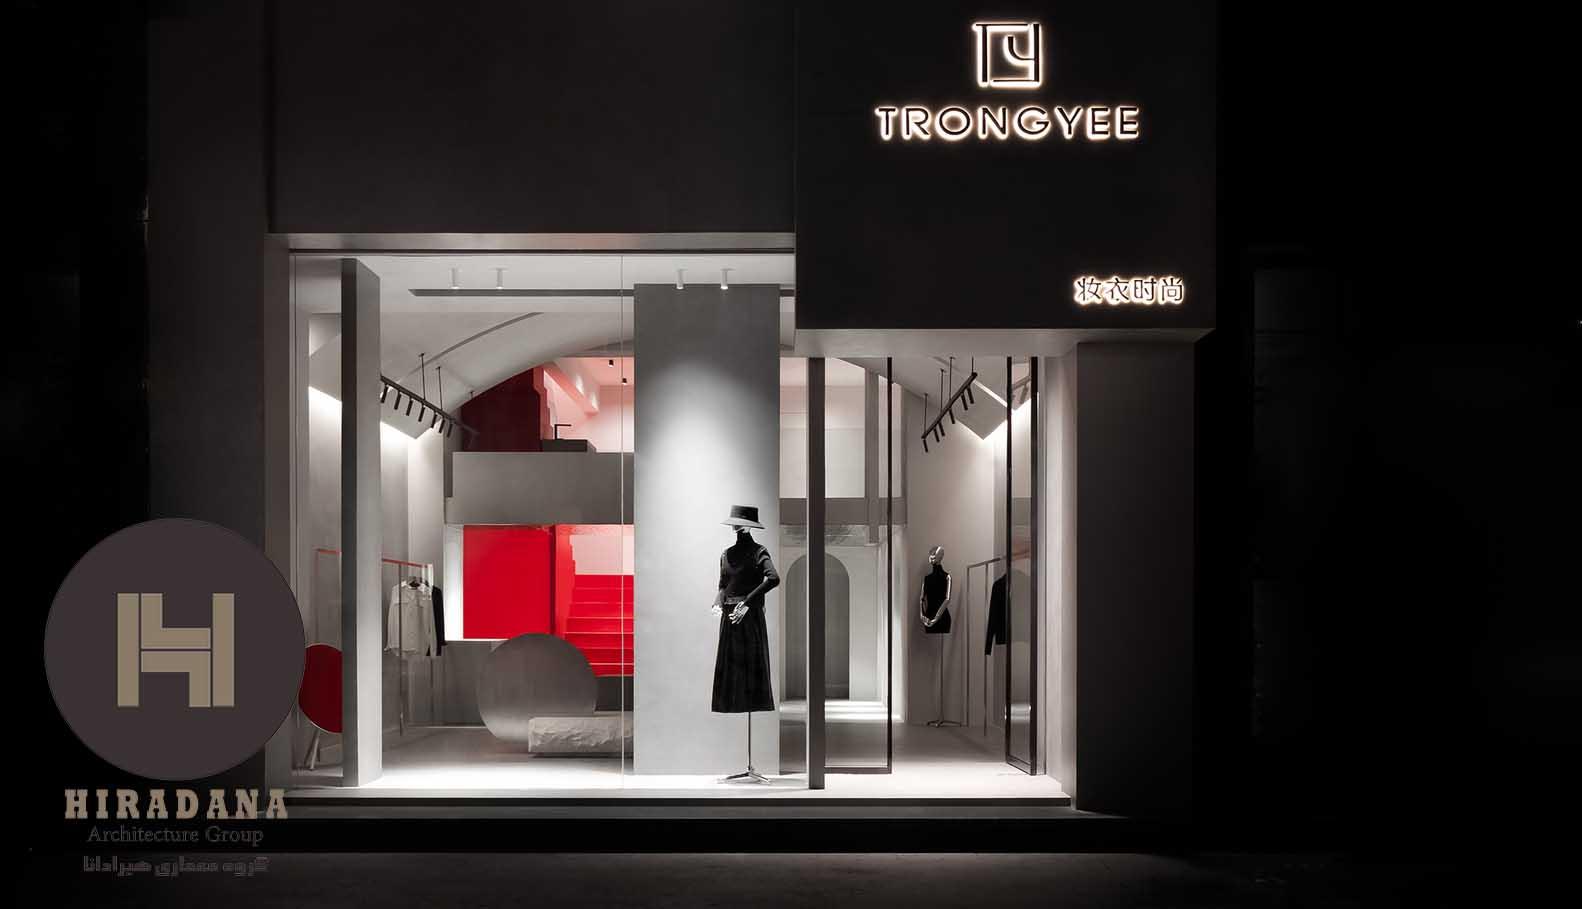 طراحی دکوراسیون داخلی بوتیک با تم قرمز